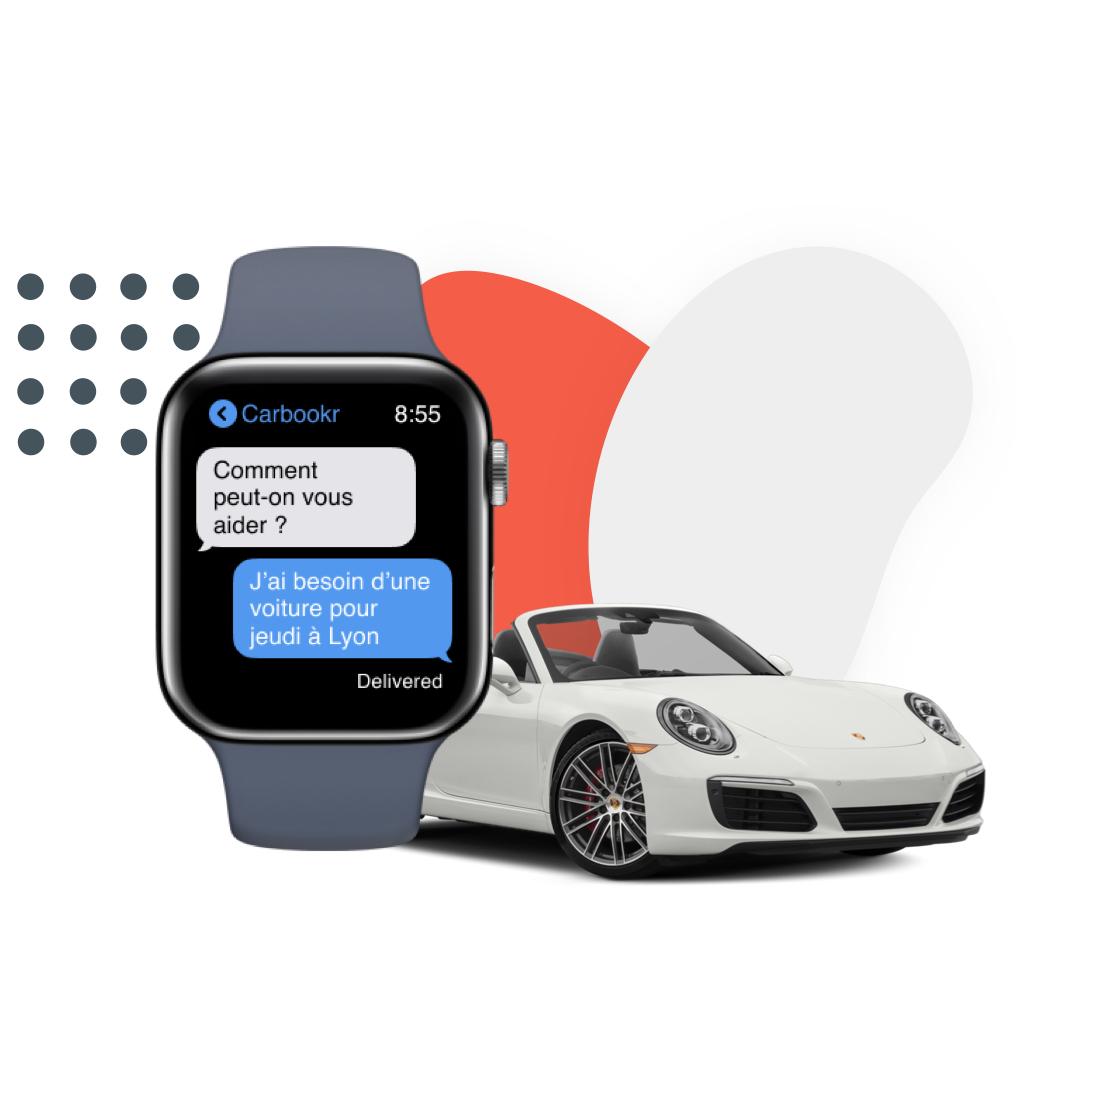 Montre connectée affichant les messages du voiturier et voiture de luxe